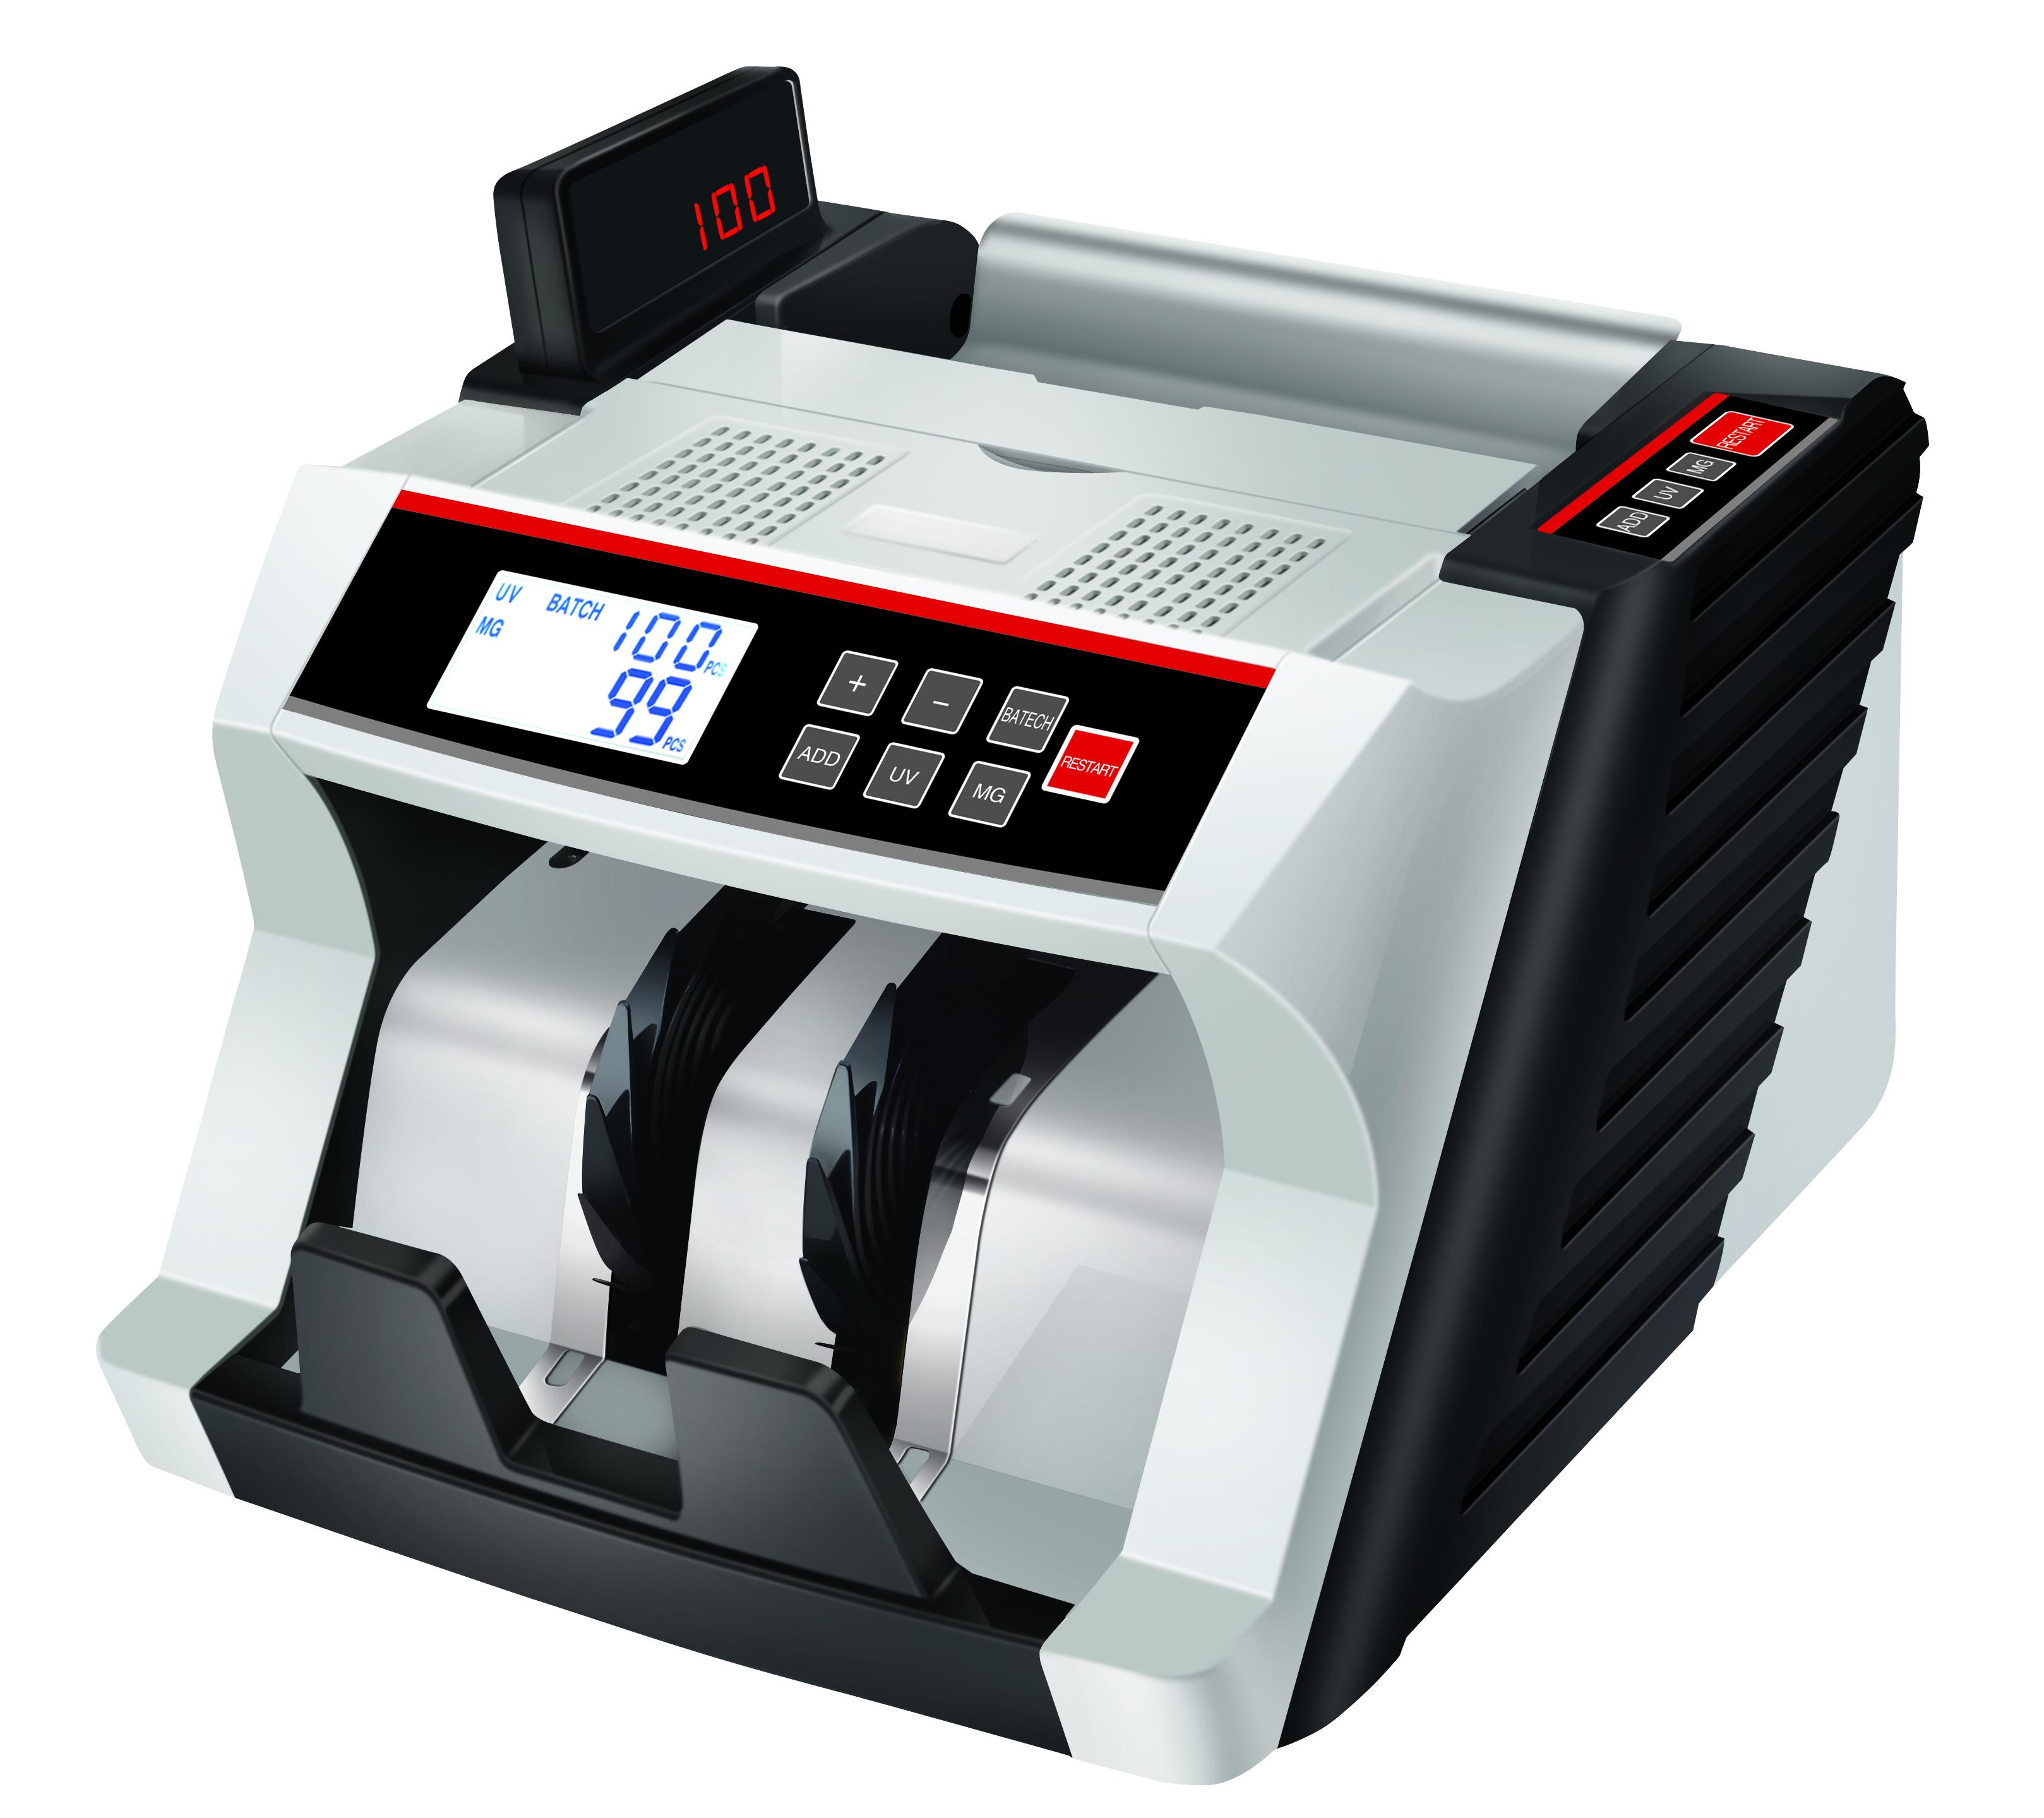 Masina de numarat bani Time saver TS-3500 1000 bancnote / minut